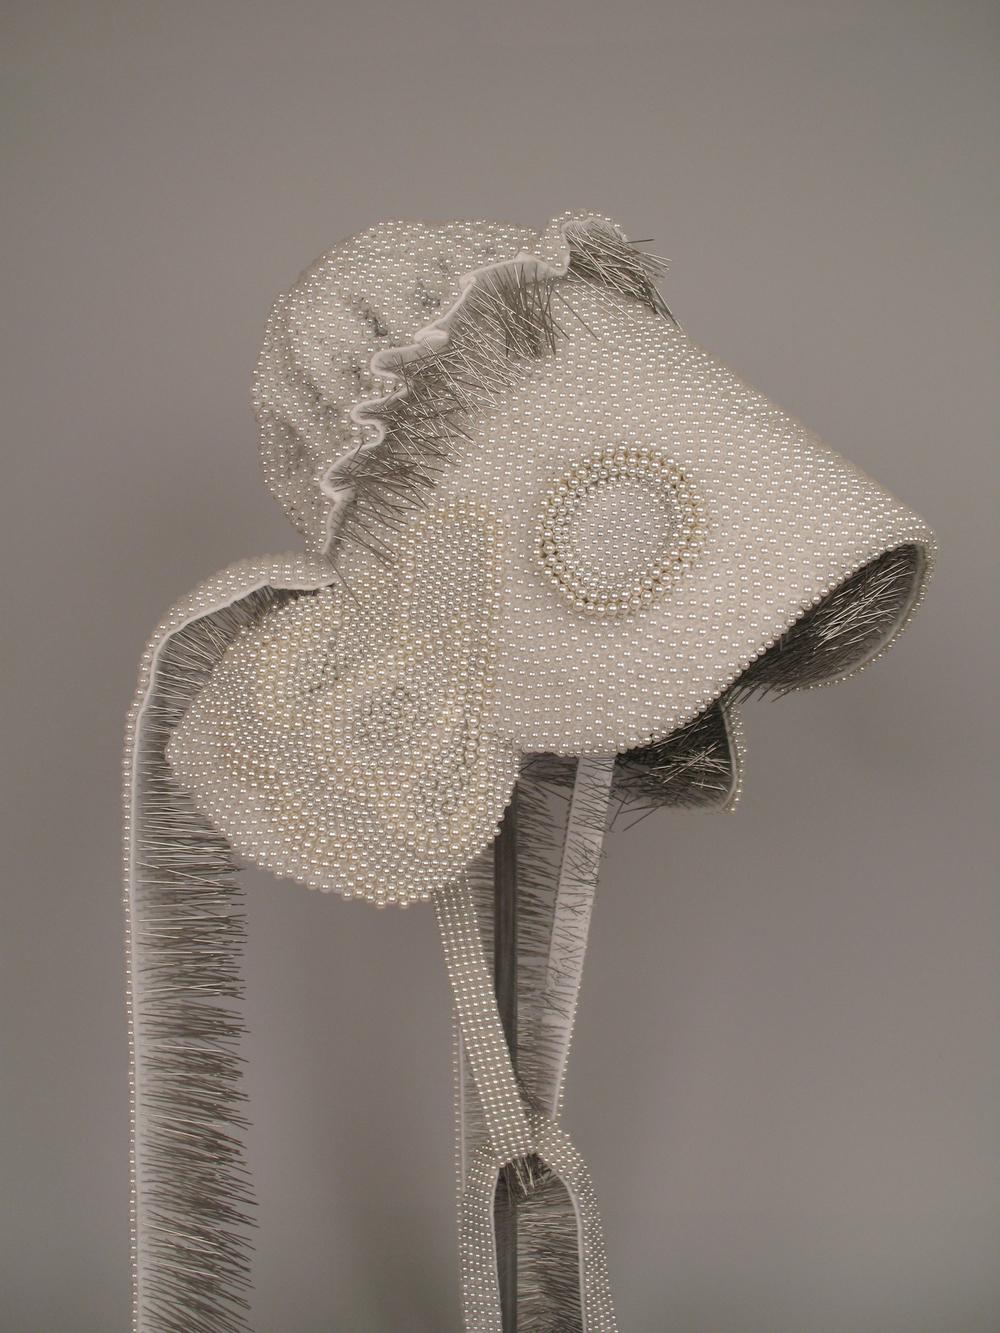 """Seer Bonnet XI  17,443 pearl corsage pins, fabric, steel, 60"""" x 12"""" x 15"""", 2010"""